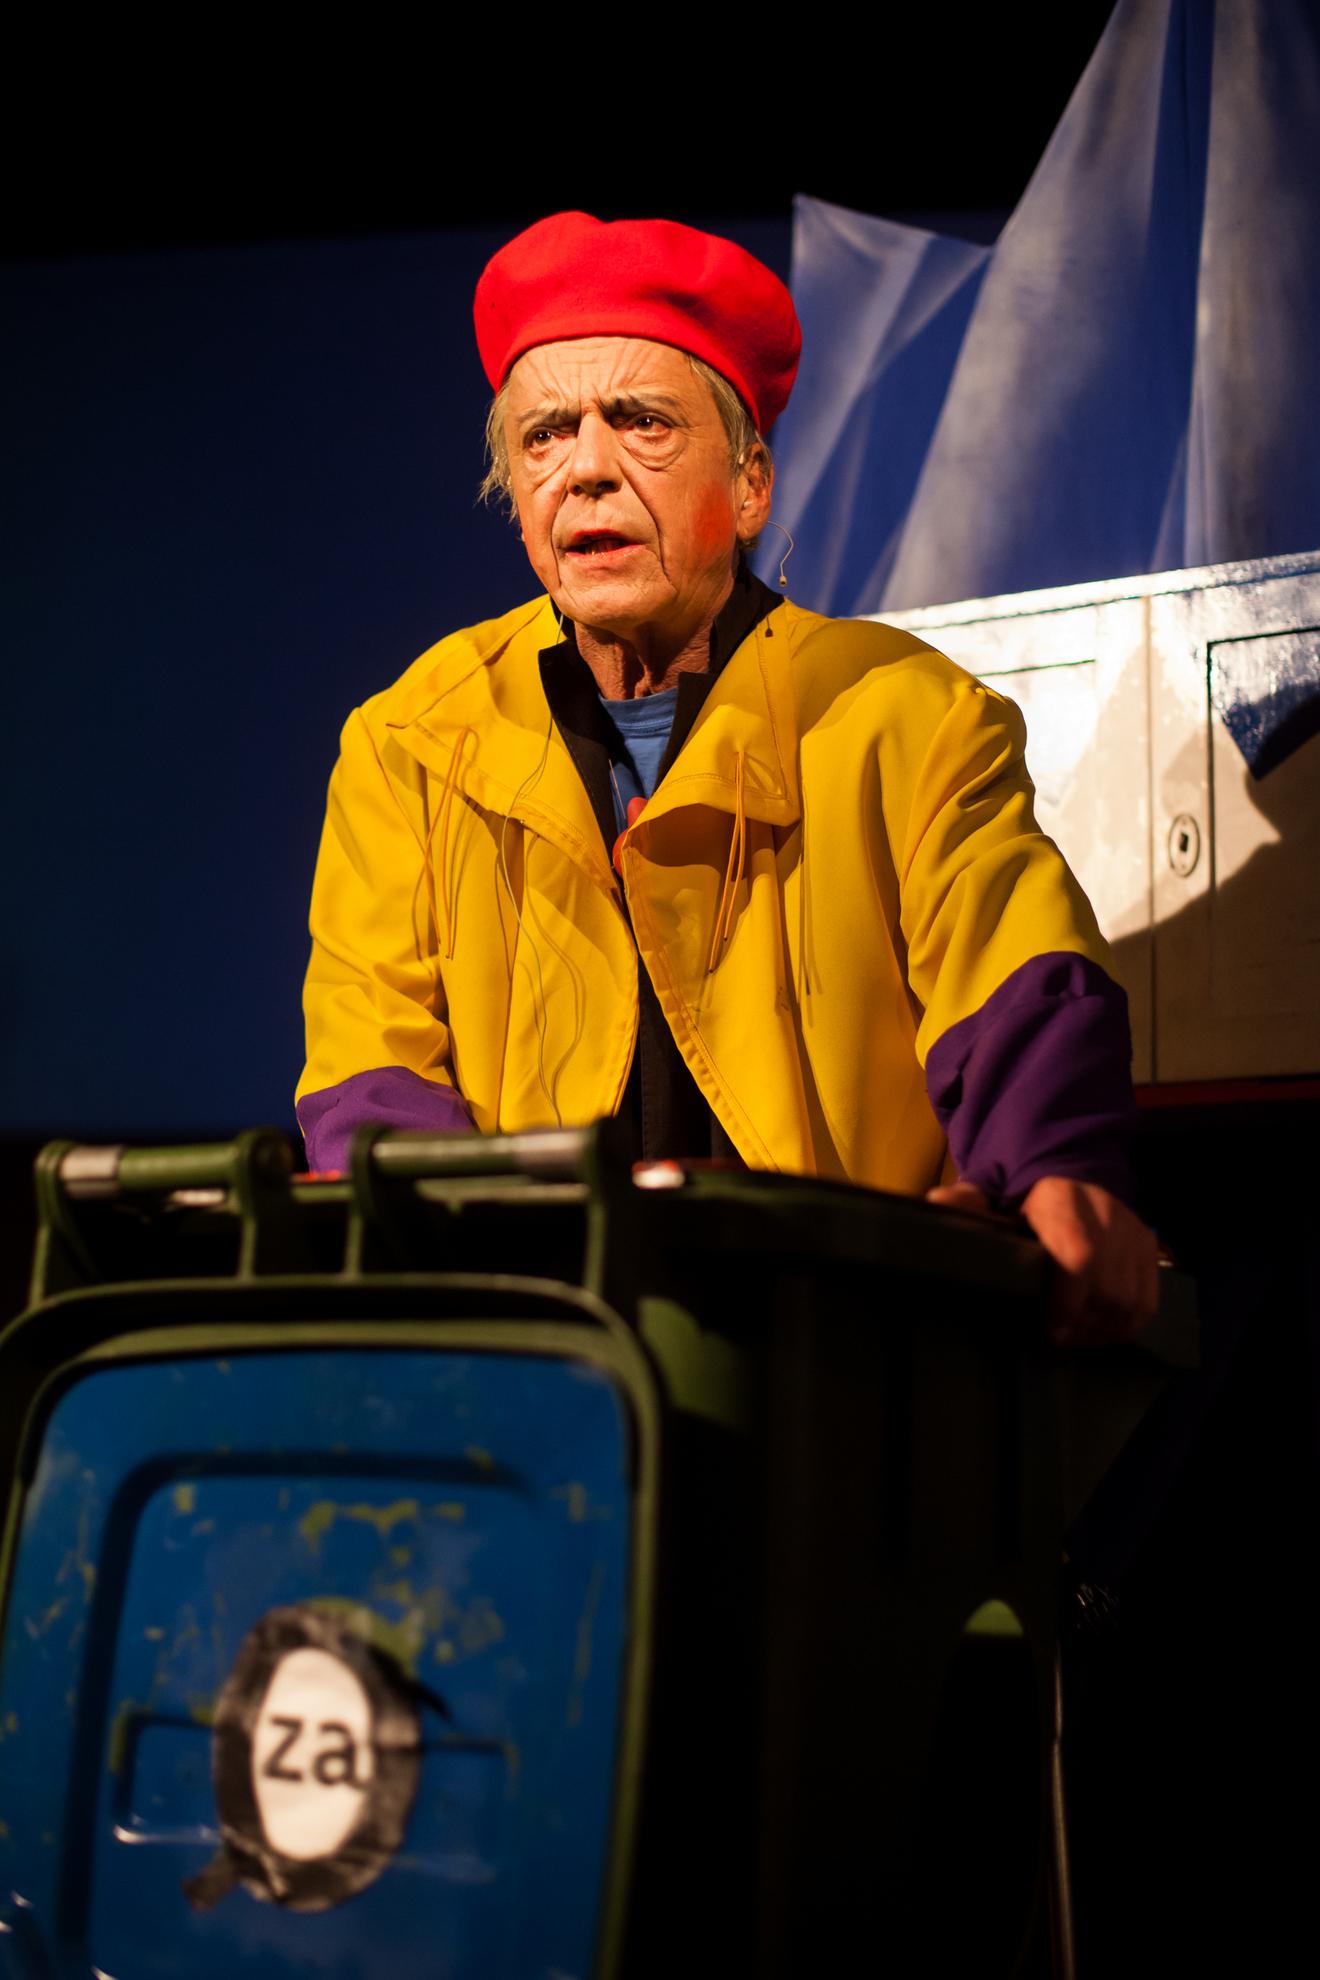 10.10.2016 Ljubljana, Kud France Prešeren. Andrej Rozman Roza s predstavo Odmaševaje ob 96. obletnici Koroškega Plebiscita